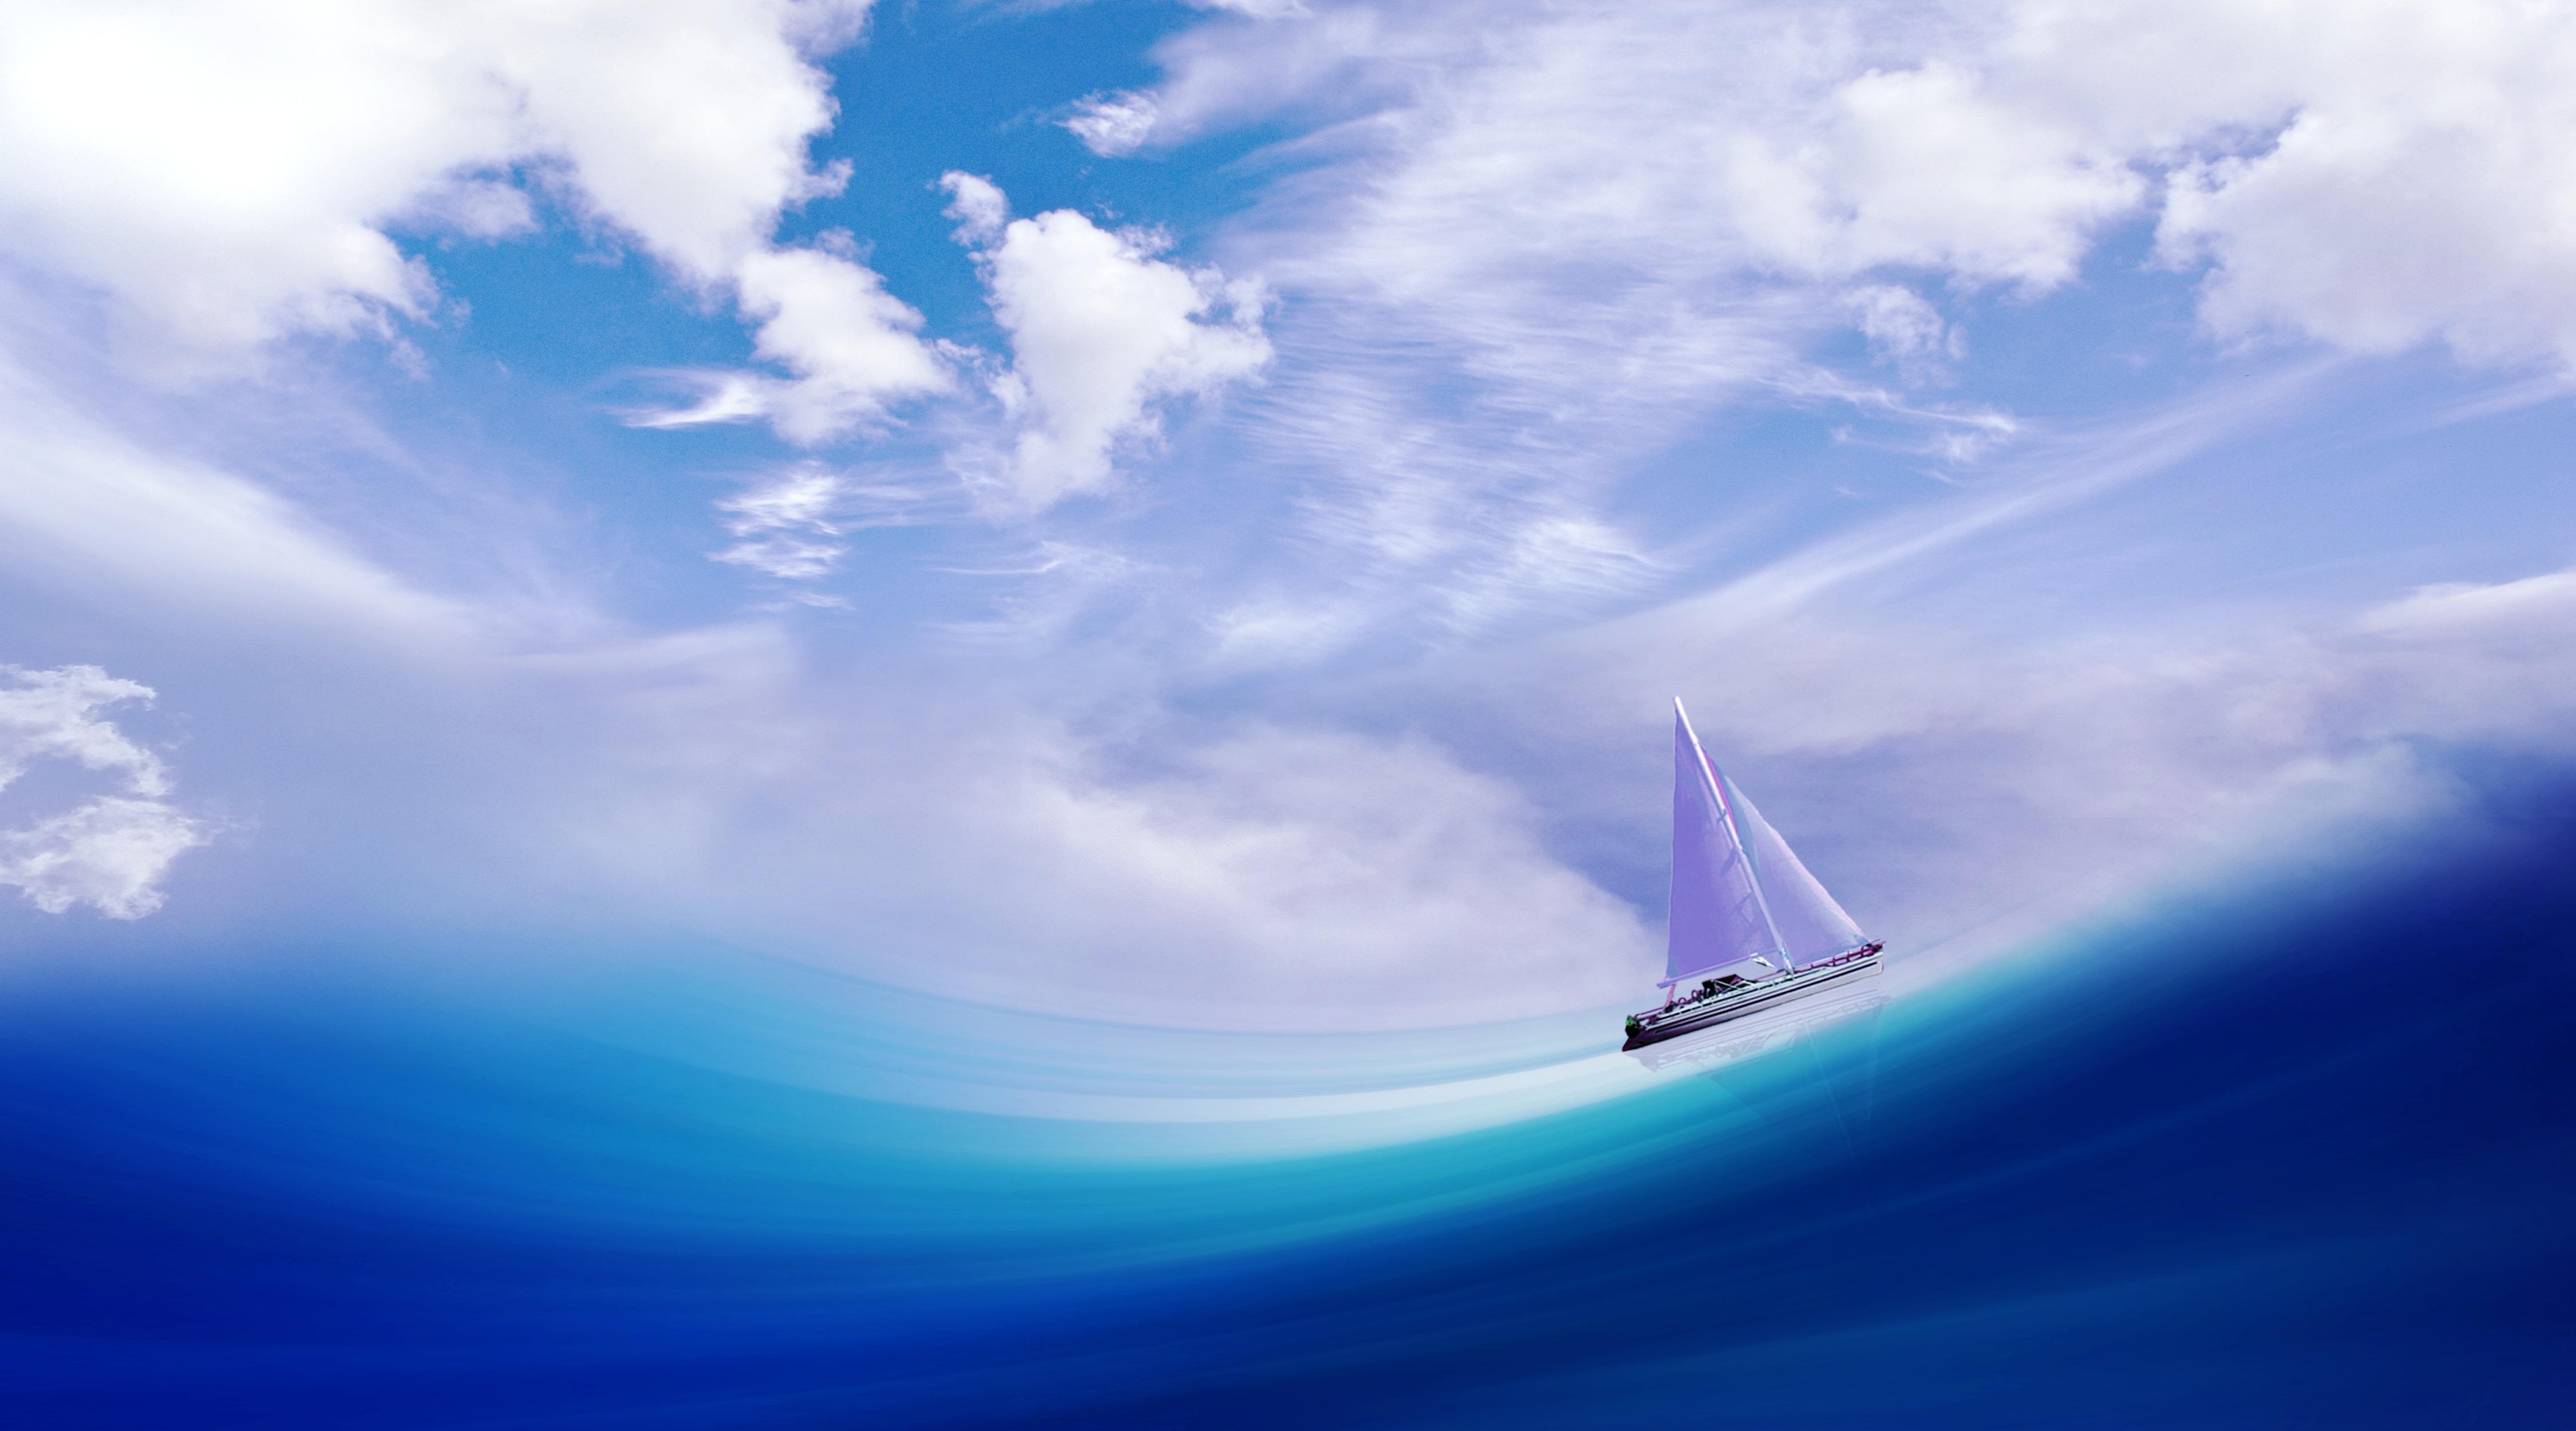 Обои лодка, бутылка, судно, настроения, Вода, корабль. Настроения foto 12